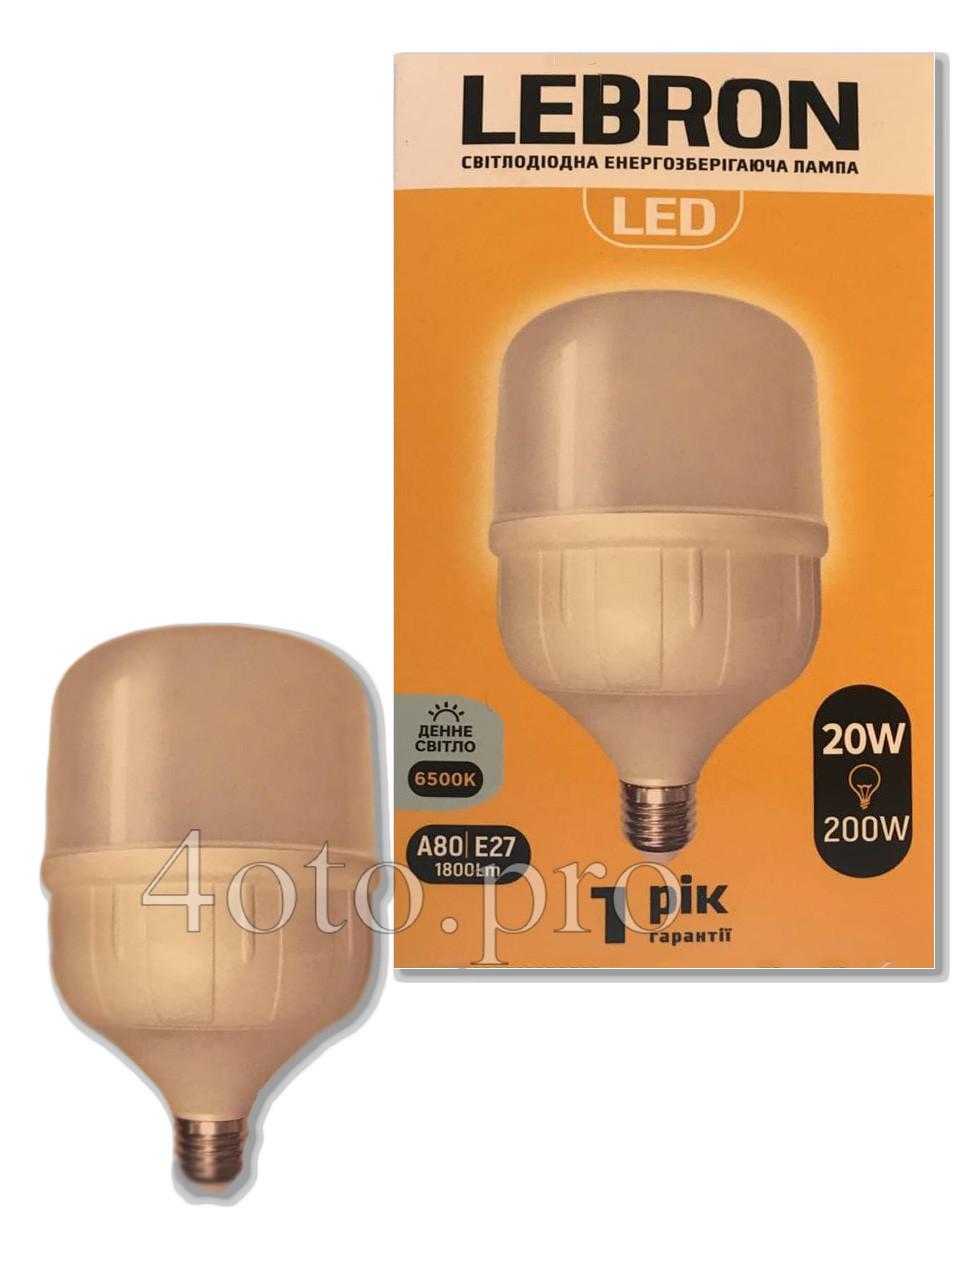 LED лампа LEBRON L-А80 20W, 6500K